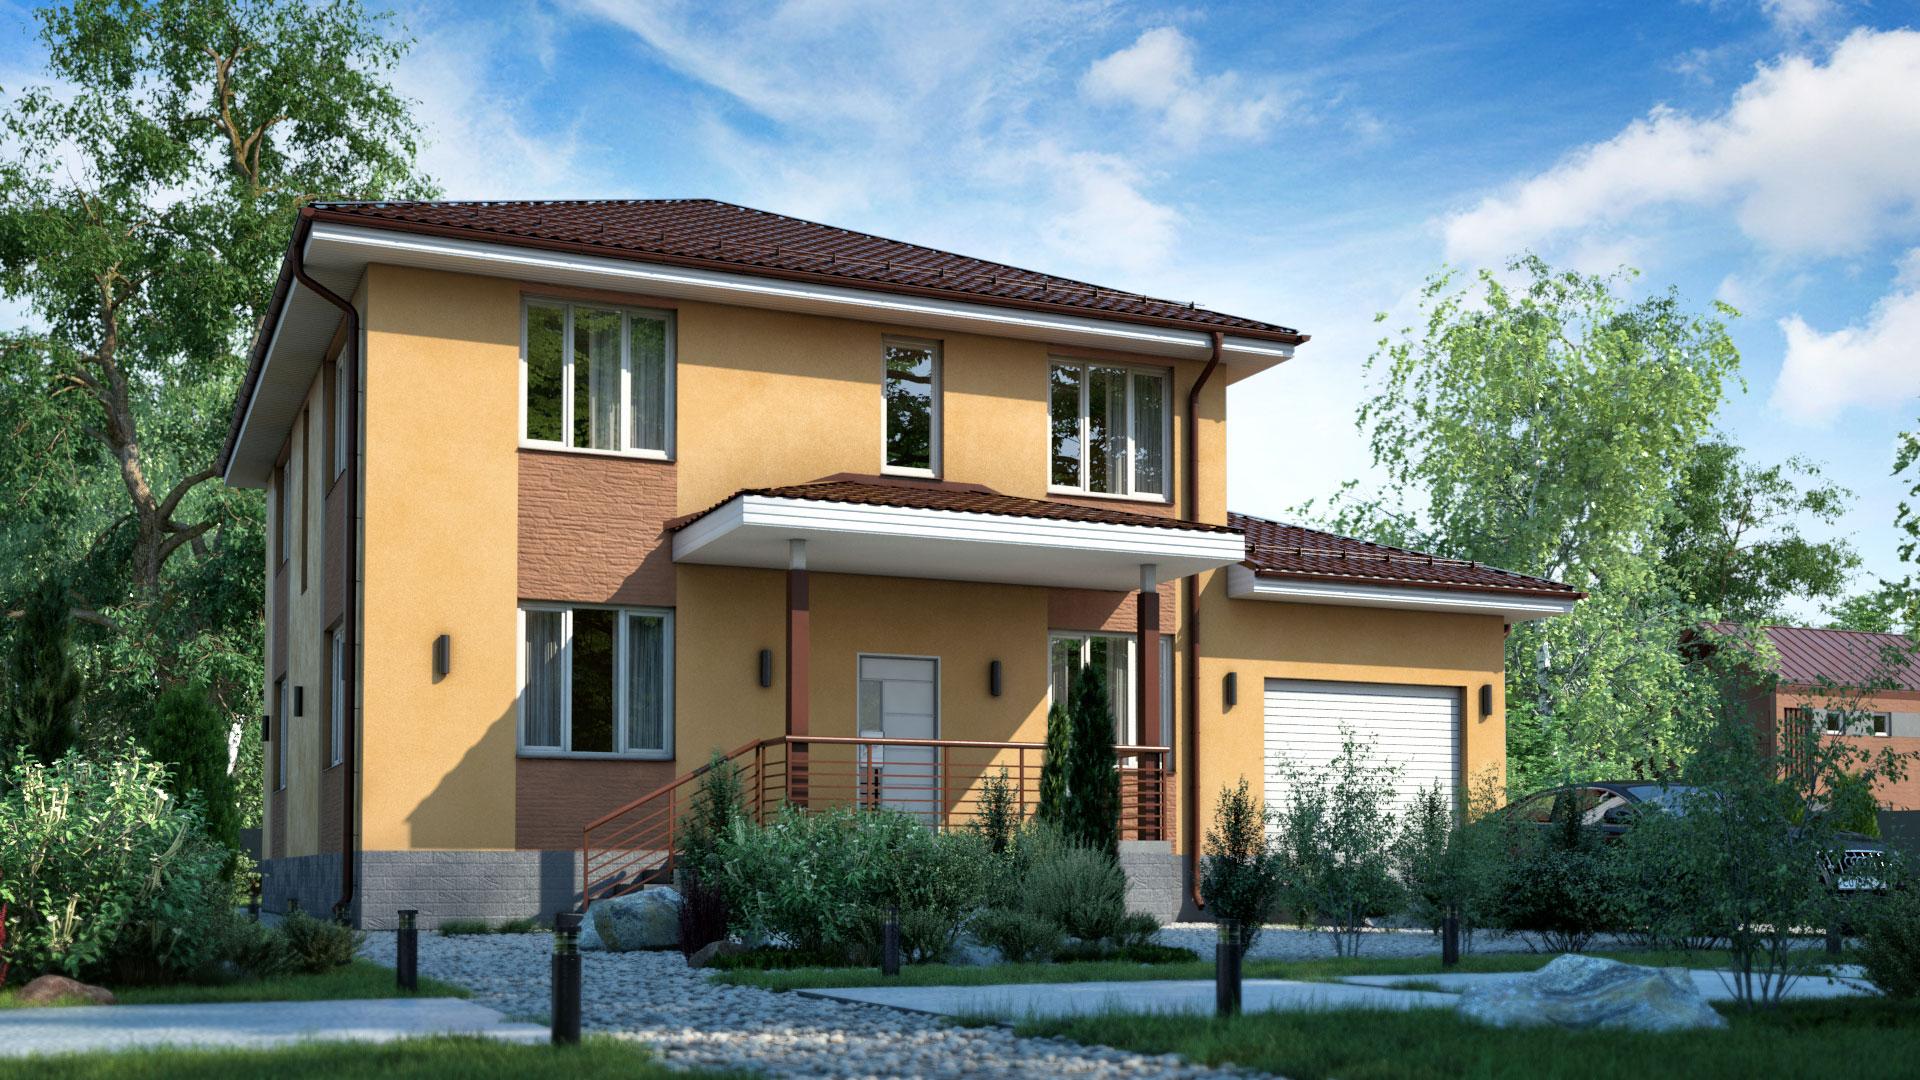 Передний фасад двухэтажного загородного дома БЭНПАН, проект МС-255.